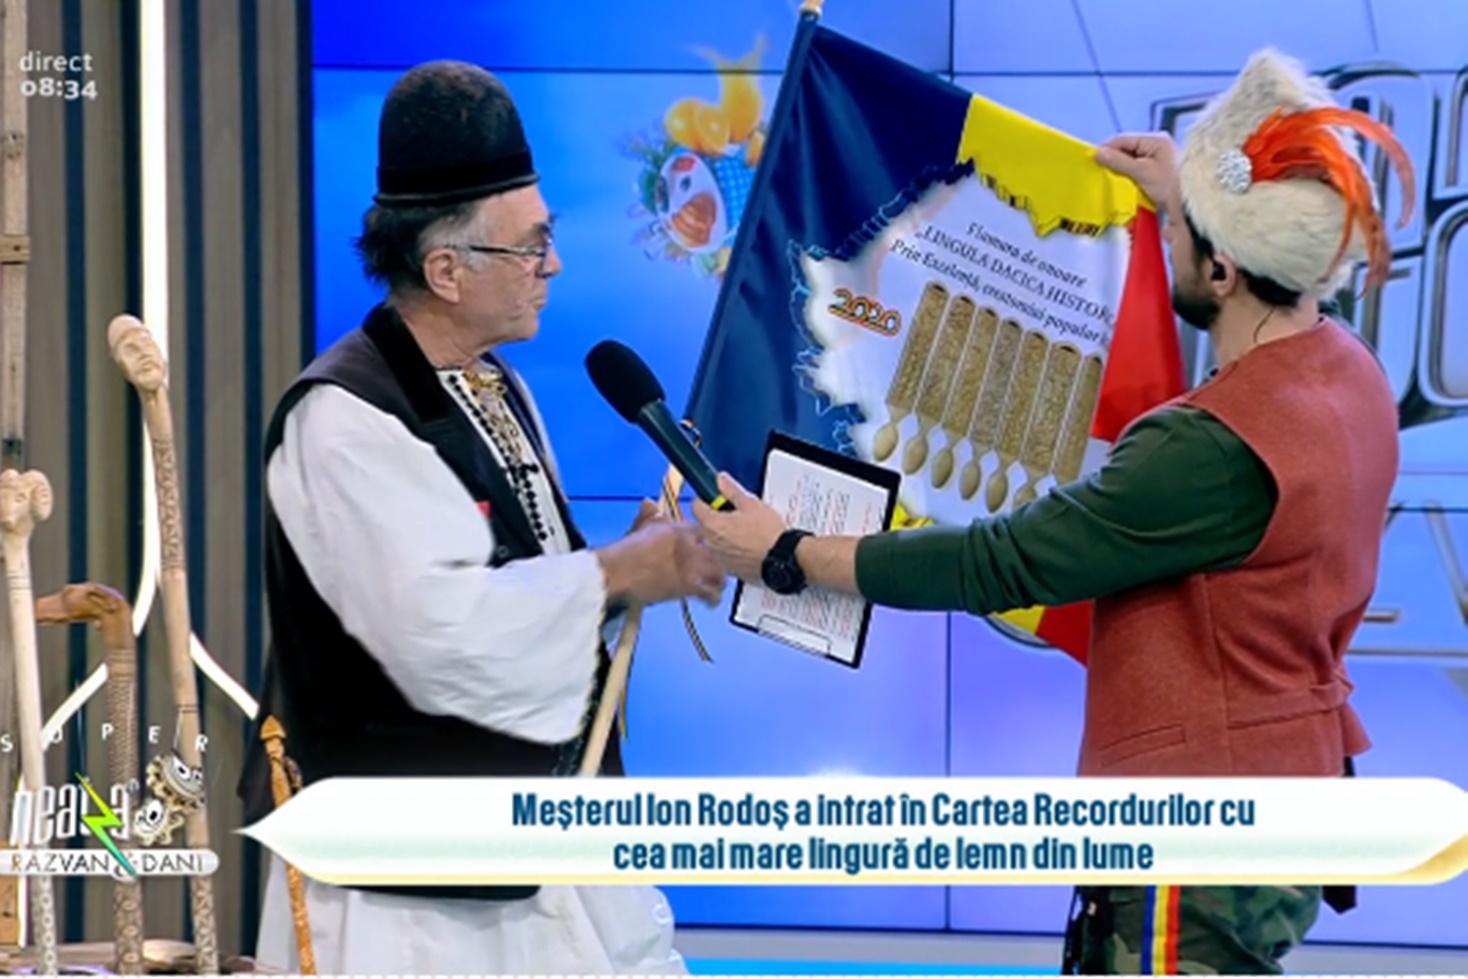 Români cu care ne mândrim în Cartea Recordurilor. Meșterul Ion Rodoș a realizat cea mai mare lingură de lemn din lume